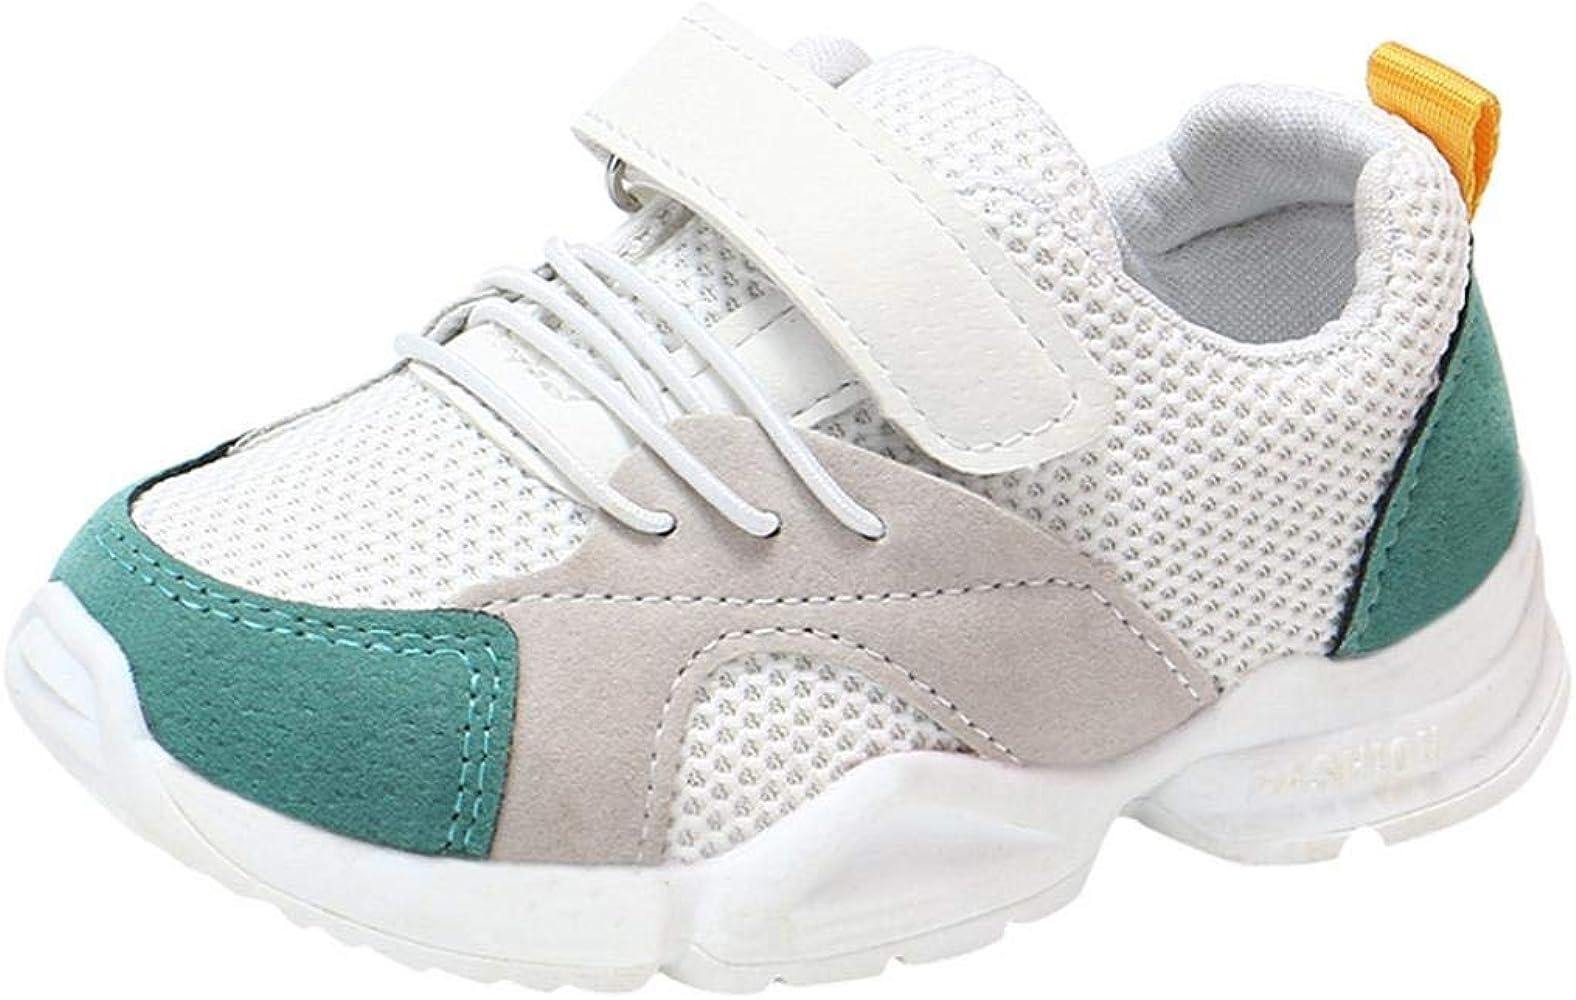 Zapatillas Unisex Niños,ZARLLE Casual Velcro Zapatillas Niño Zapatillas De Malla para Bebés Zapatos De Bebé Zapatillas De Deporte Sneakers Transpirables Antideslizante Zapatos: Amazon.es: Ropa y accesorios